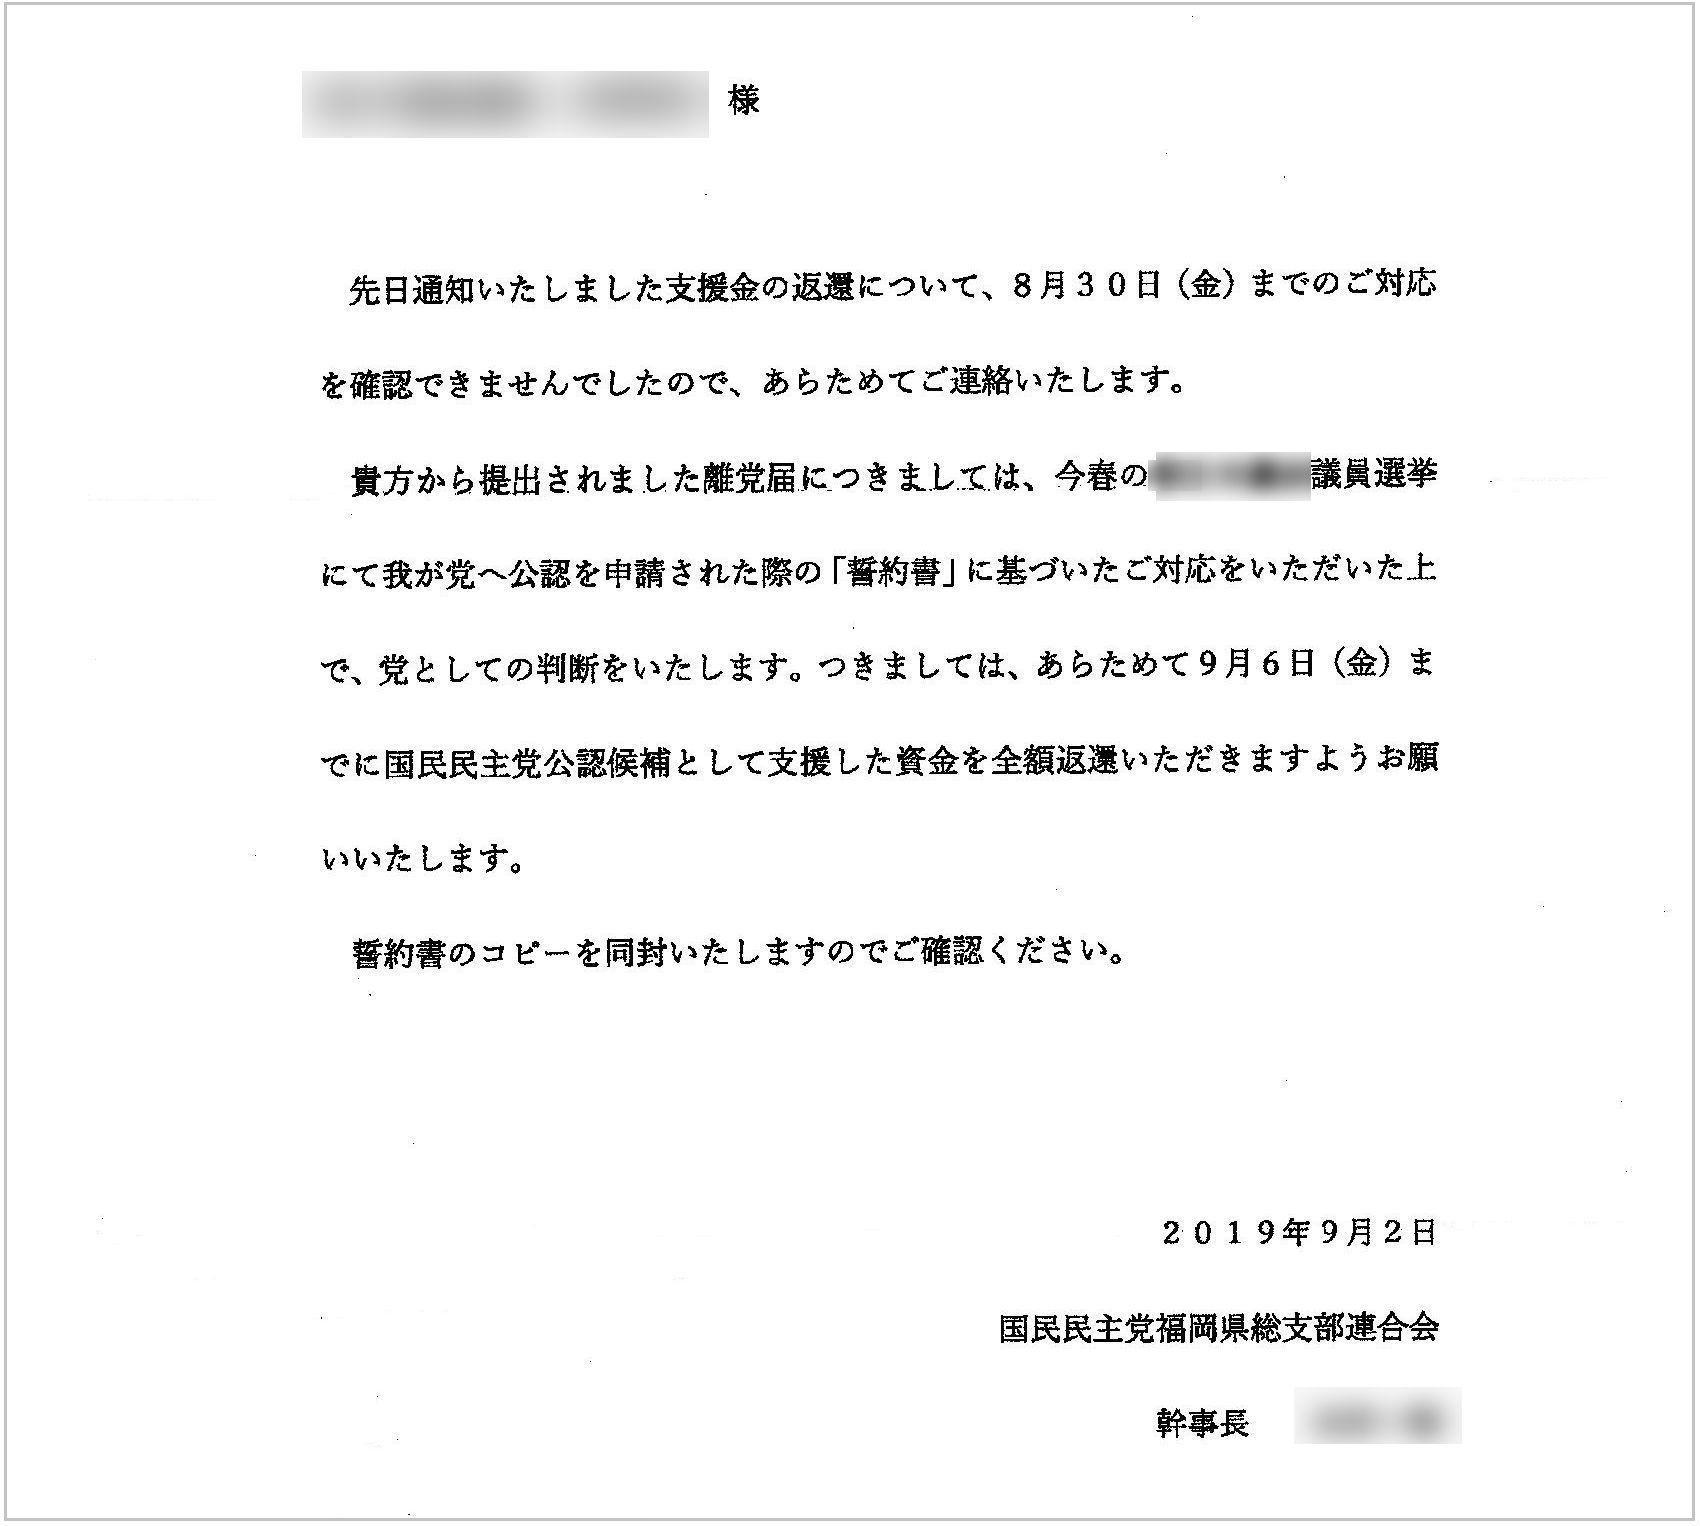 http://hunter-investigate.jp/news/7bfda97b2f641f529c72883fcb00be0fd2f52438.jpg